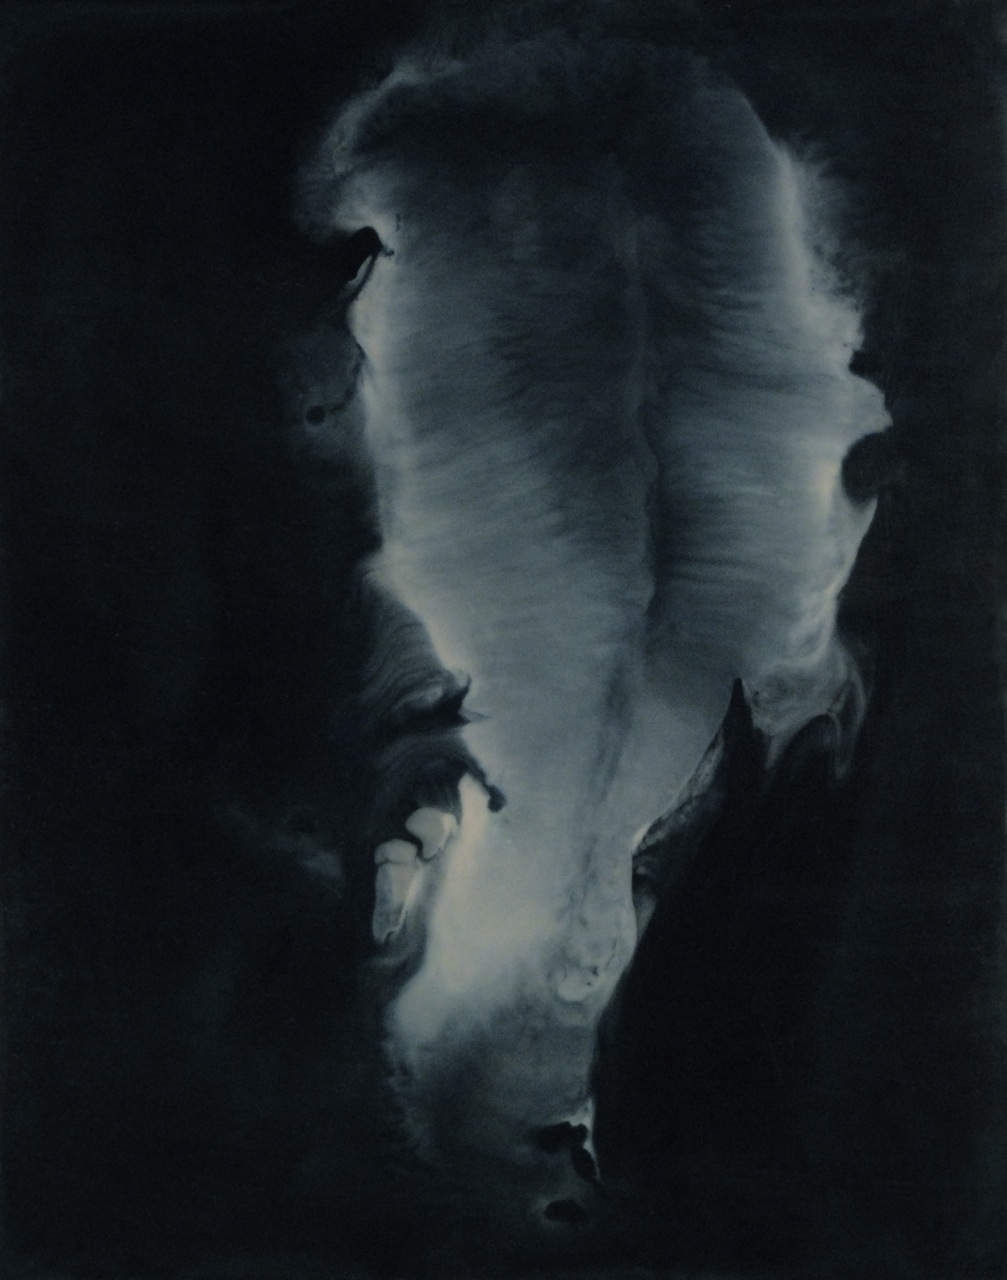 Peter Flaccus, Opening, 2009, encausto su tavola, cm 43x34